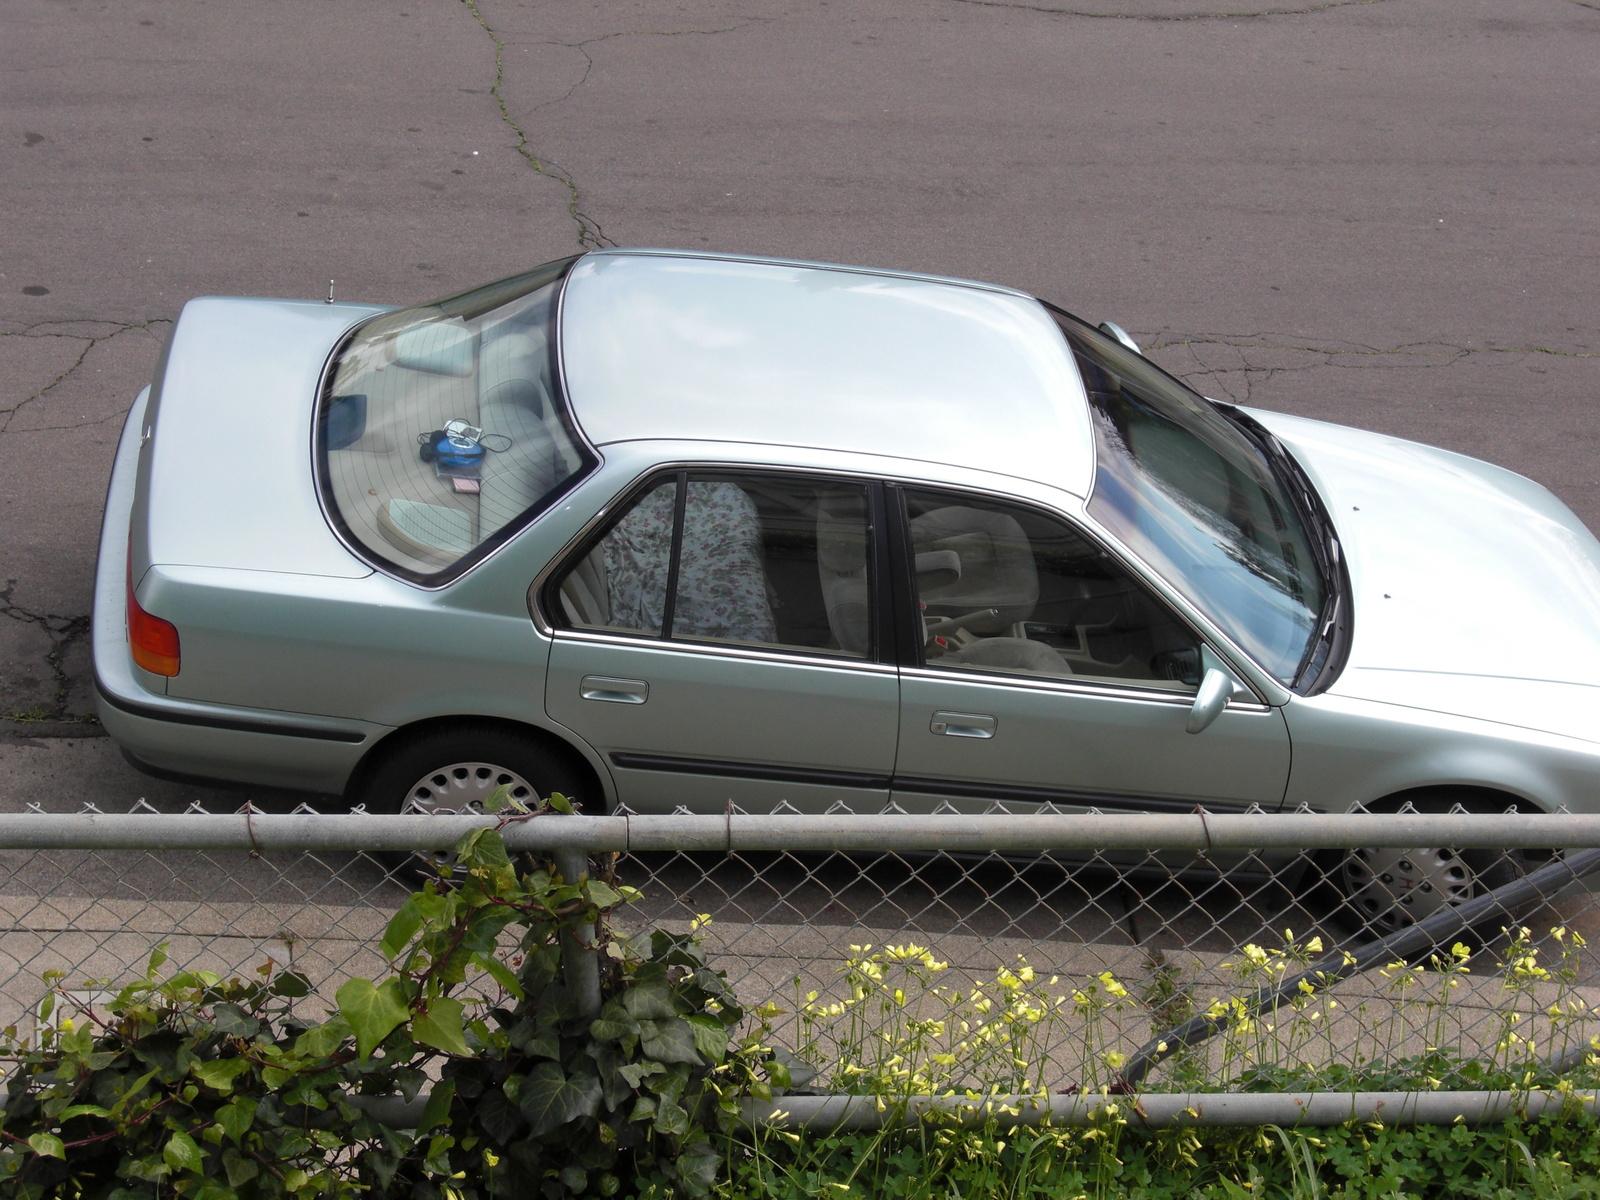 Honda Civic Ep3 Fuse Box Along With 1995 Honda Civic Fuse Box Diagram